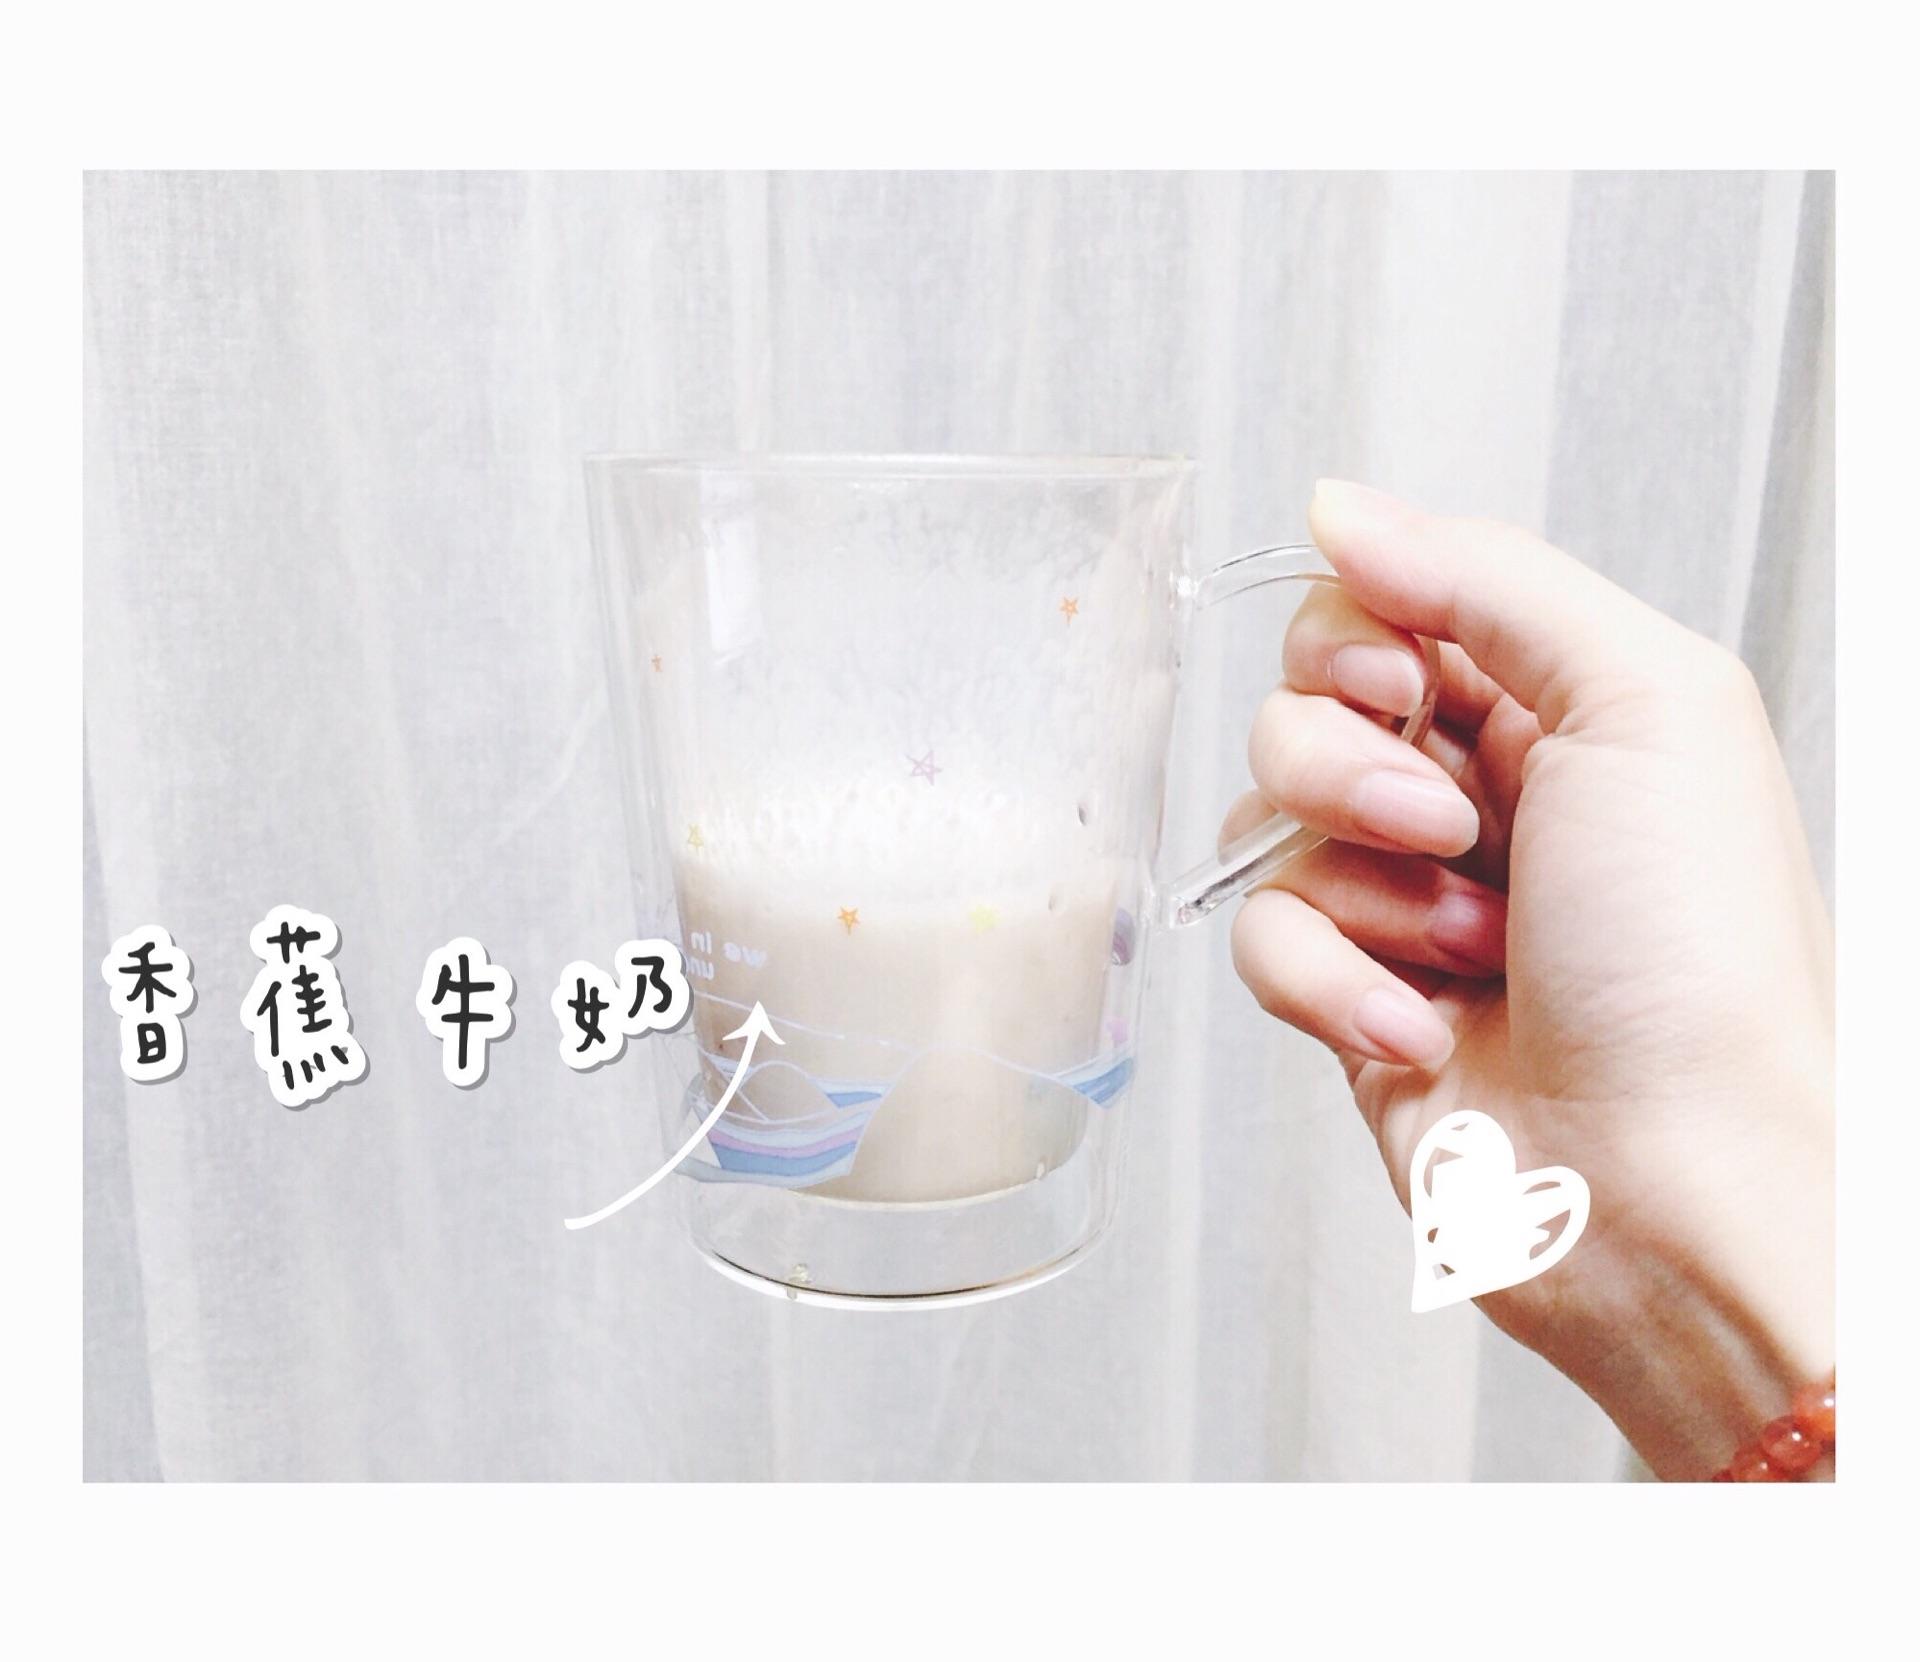 牛奶面膜图片素材